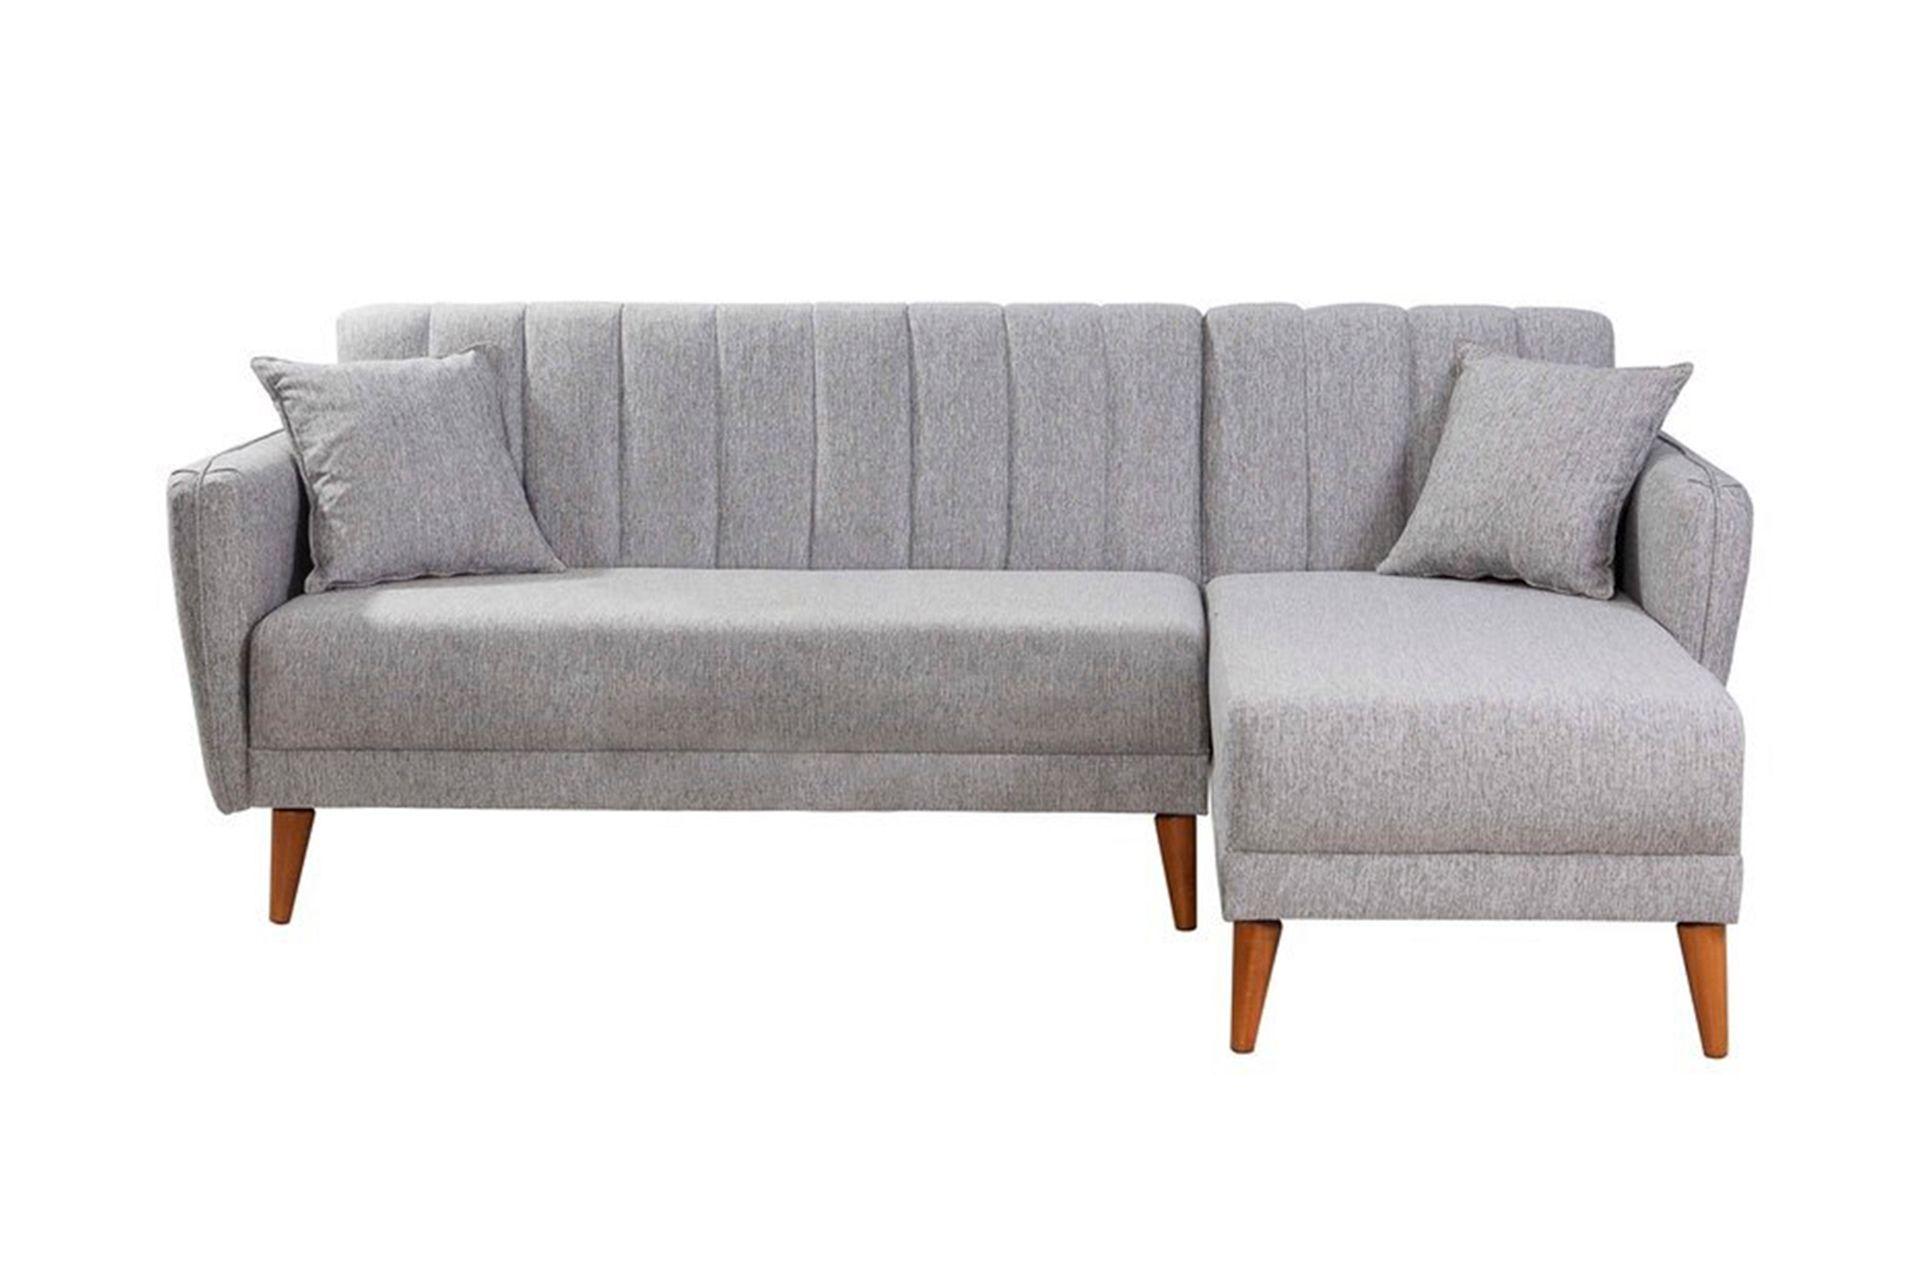 Aqua Corner Sofa Bed, Grey (Right)